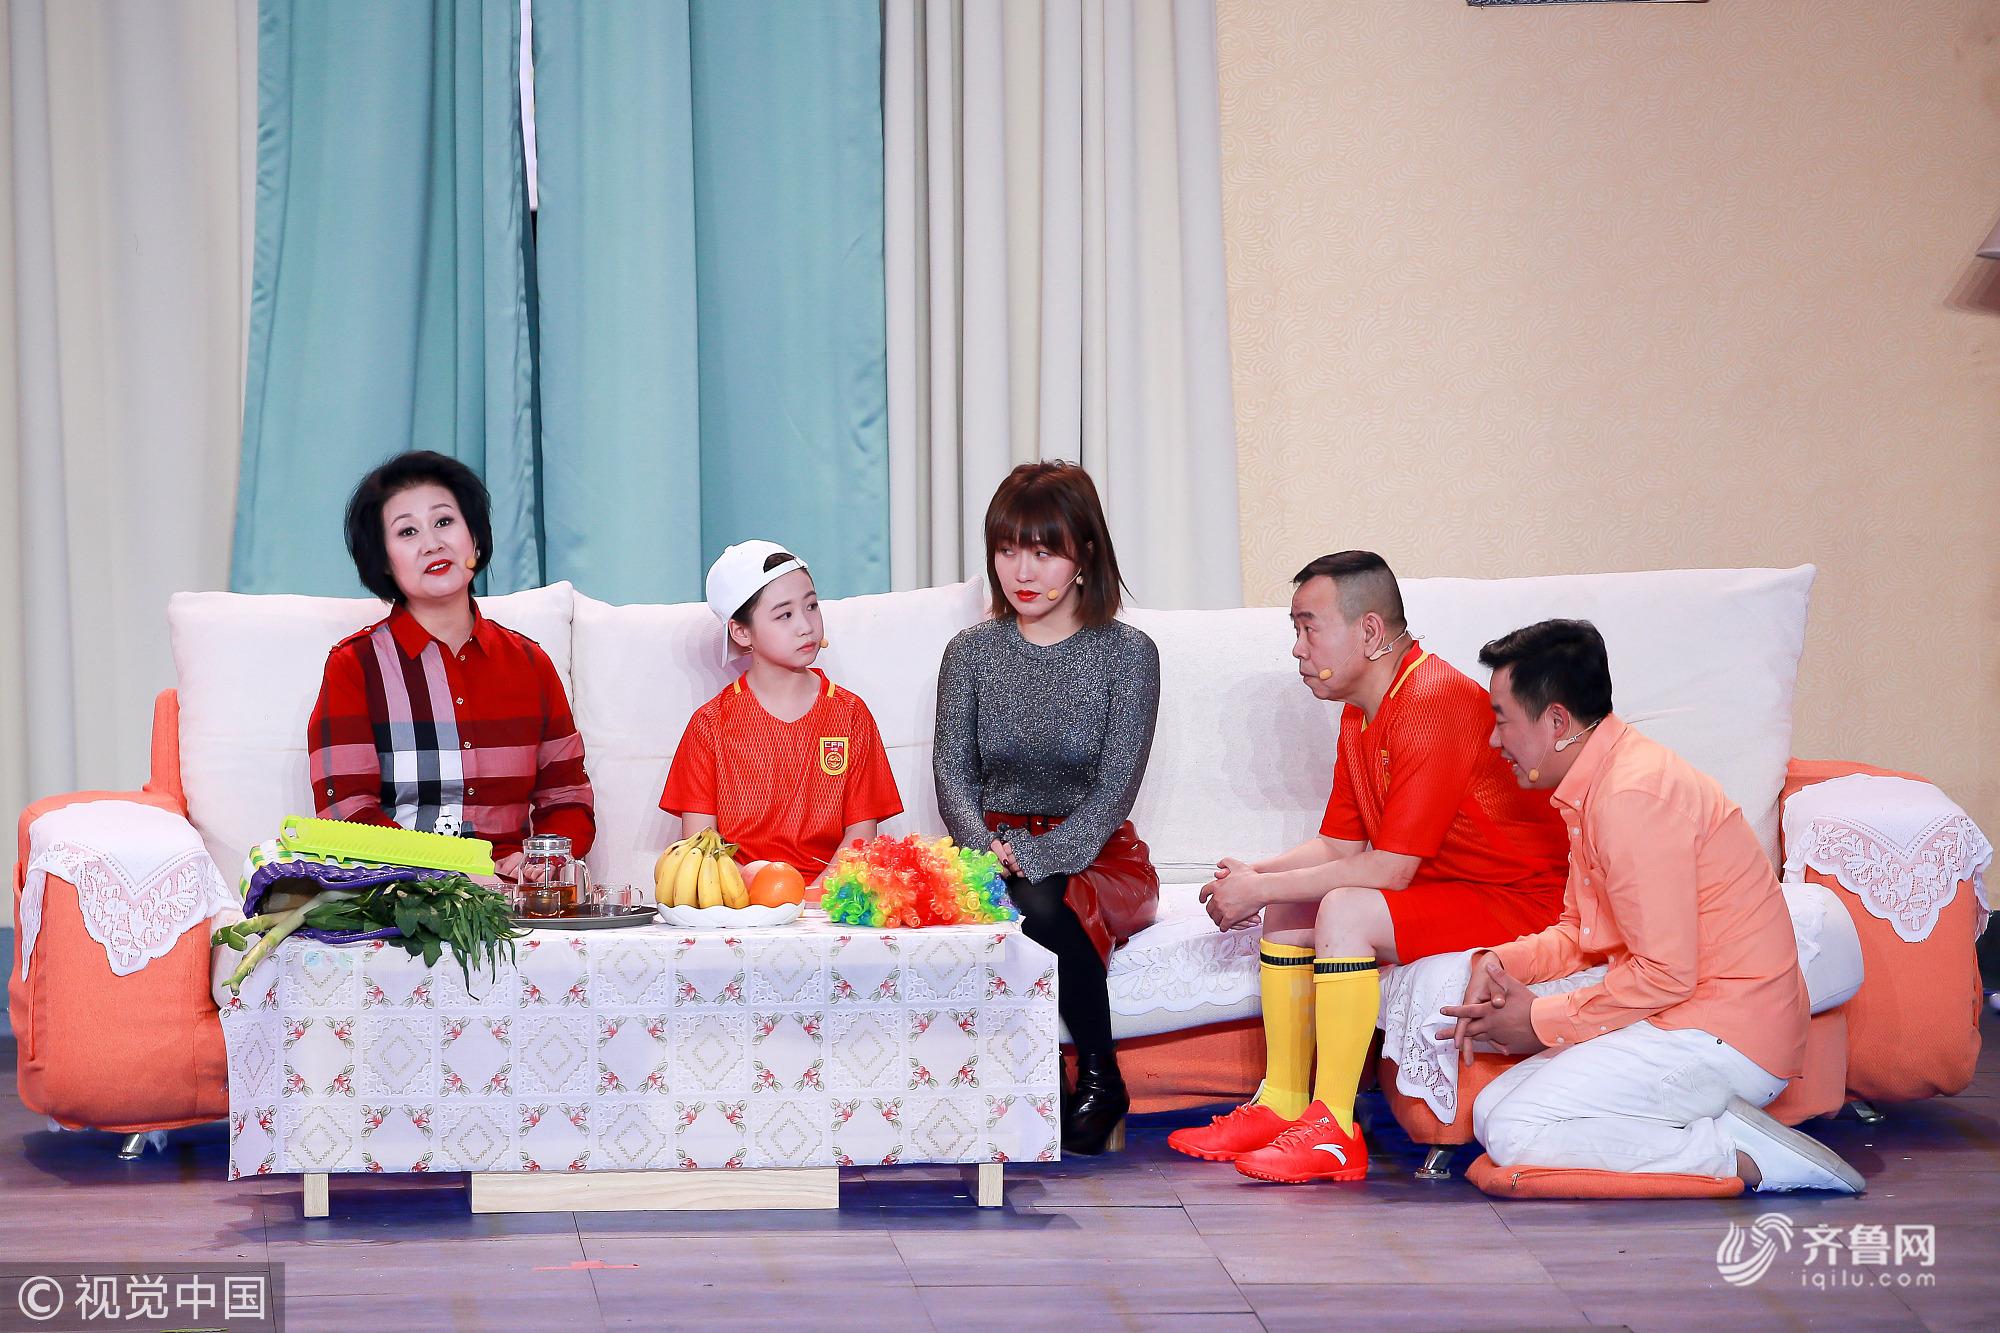 2019央视春晚山东元素可不少 尚大庆、黄晓娟《站台》上演回家过年暖心故事